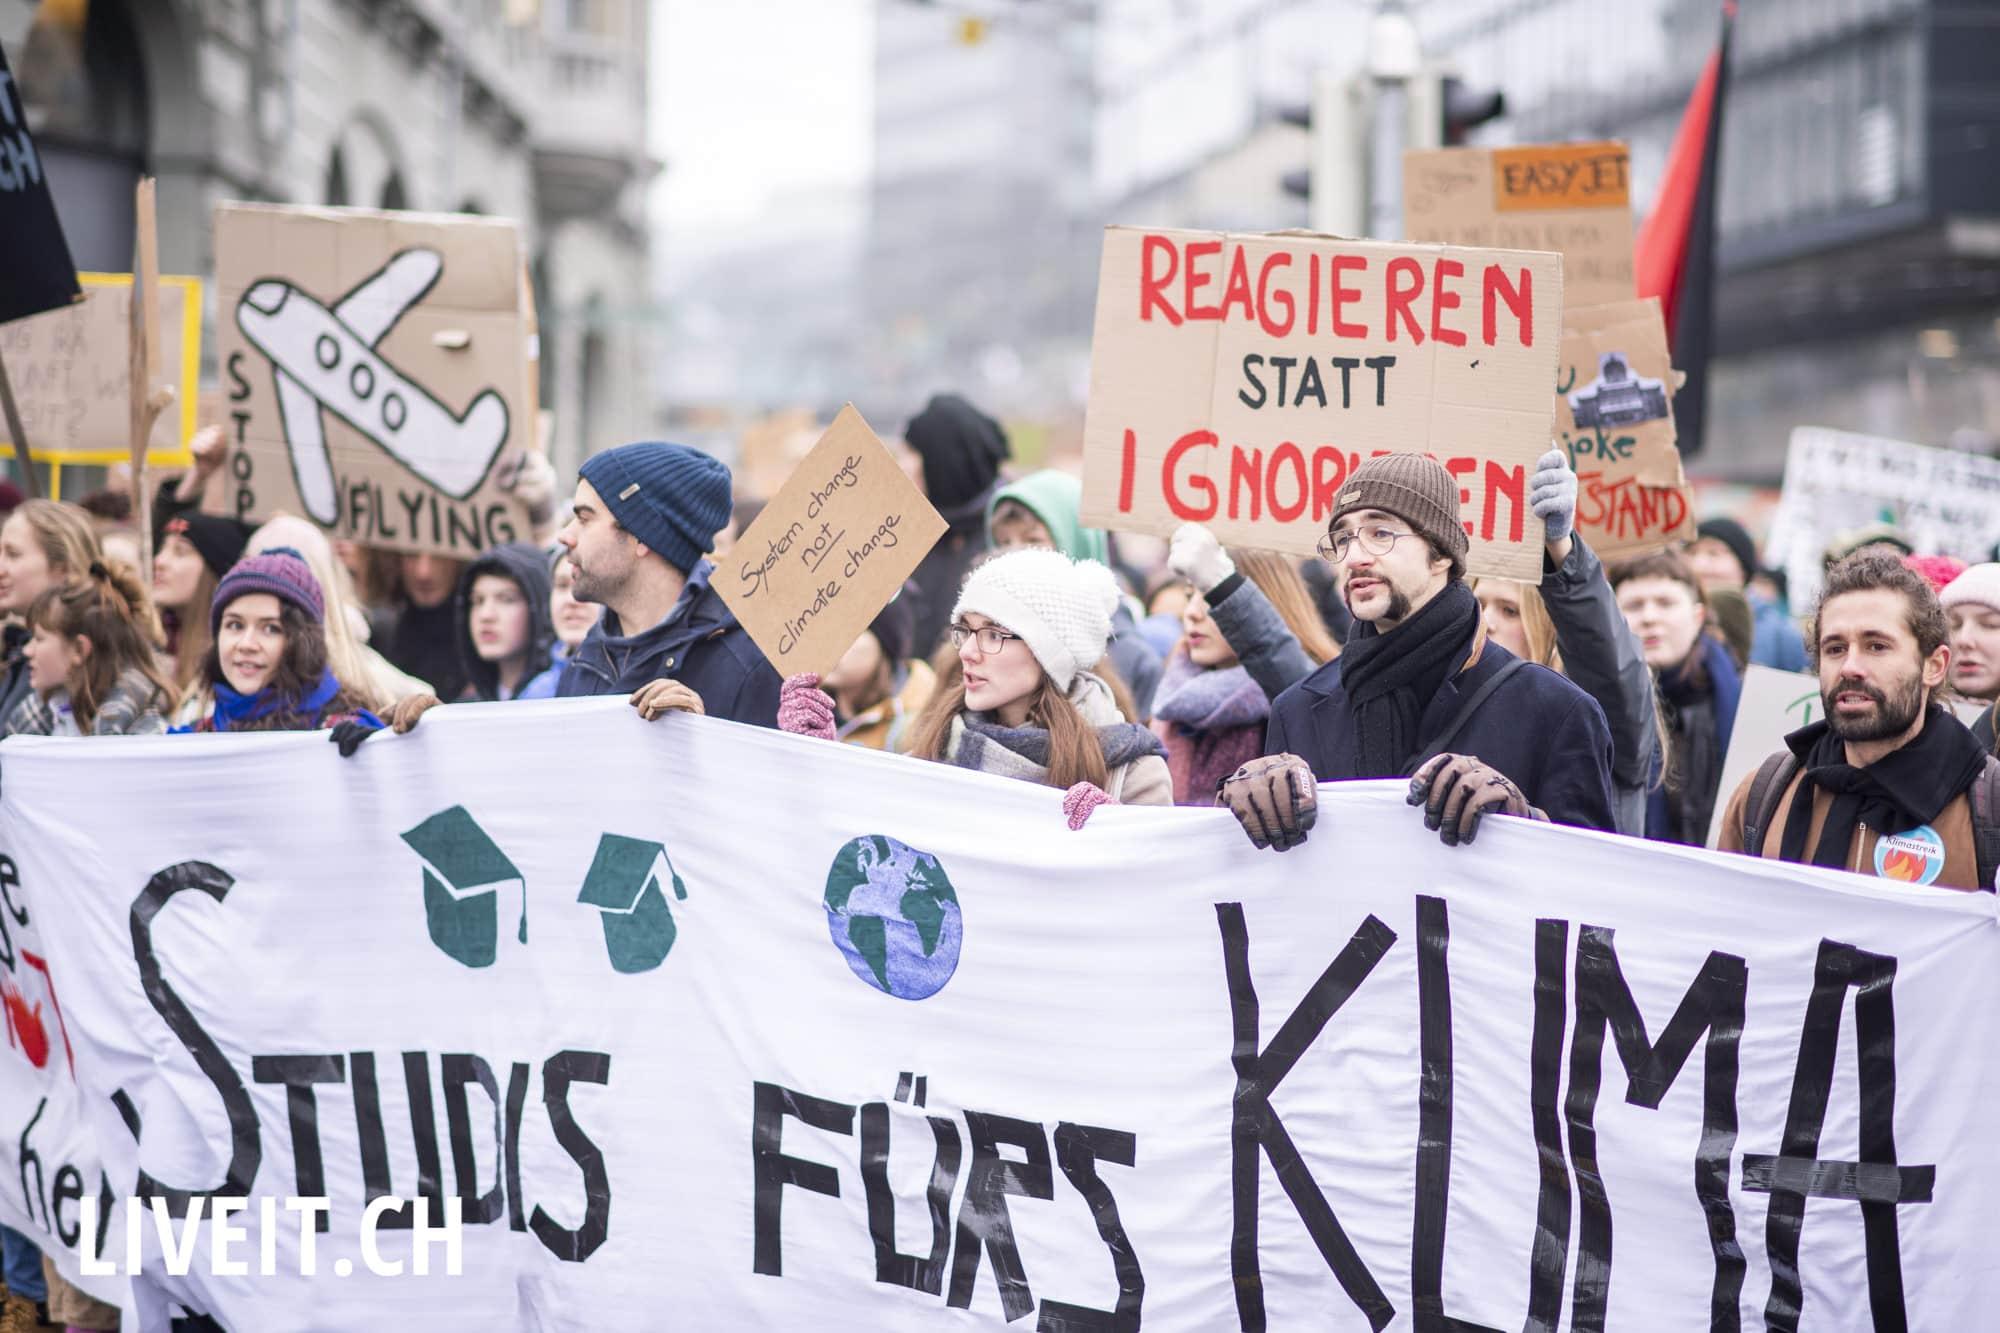 Klimademo auf dem Waisenhausplatz in Bern, fotografiert am Samstag, 02. Februar 2019. Die Proteste verliefen friedlich. (Fotografiert von Dominic Bruegger für liveit.ch)